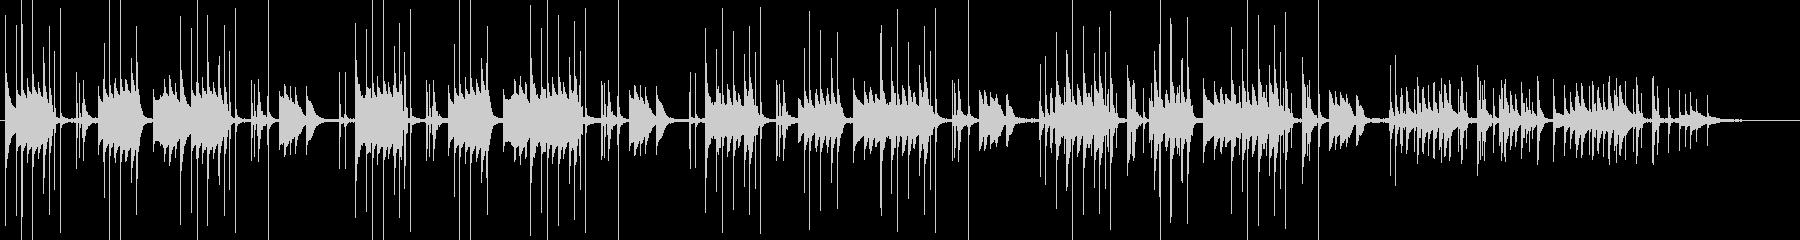 波音でリラックス、南の島、ビブラフォンの未再生の波形